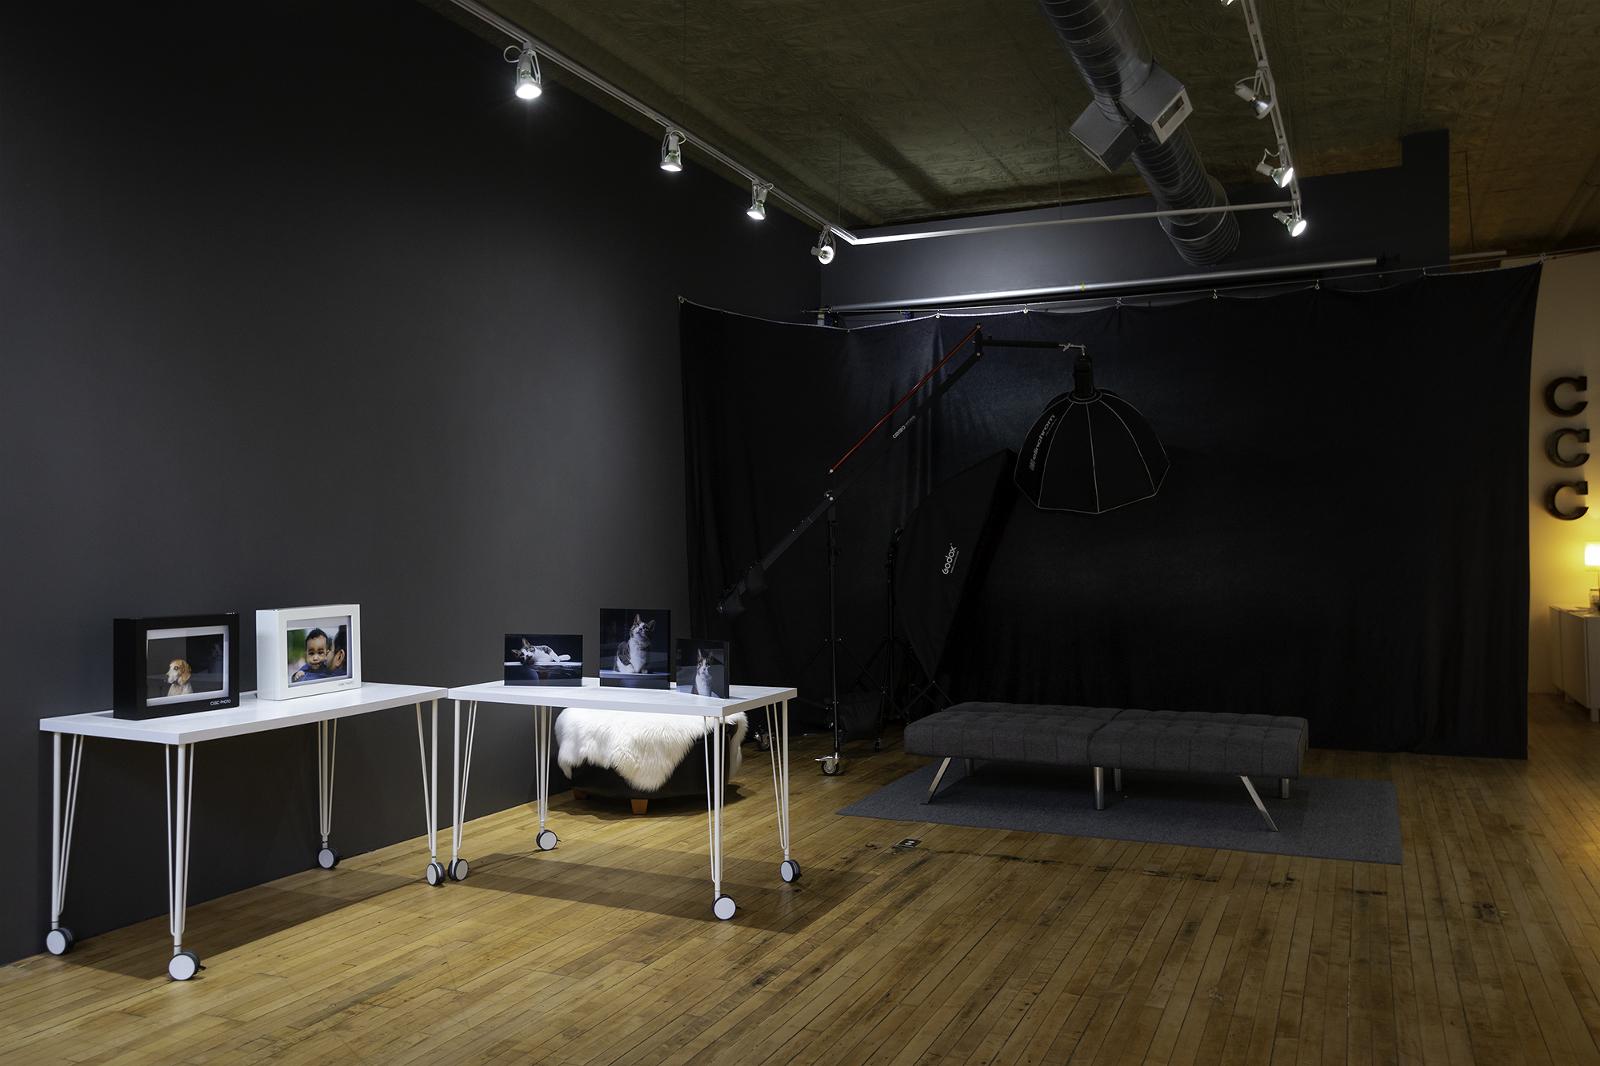 Chicago Pet Photography Studio